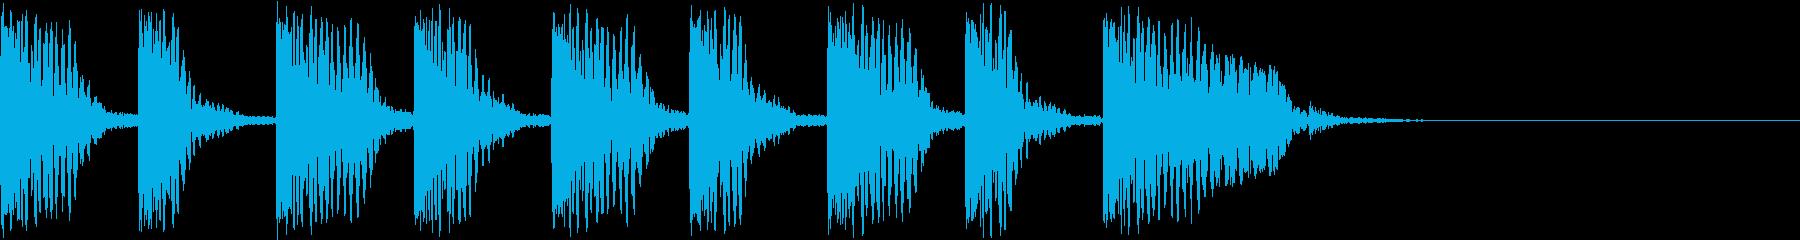 バババババババドスの再生済みの波形